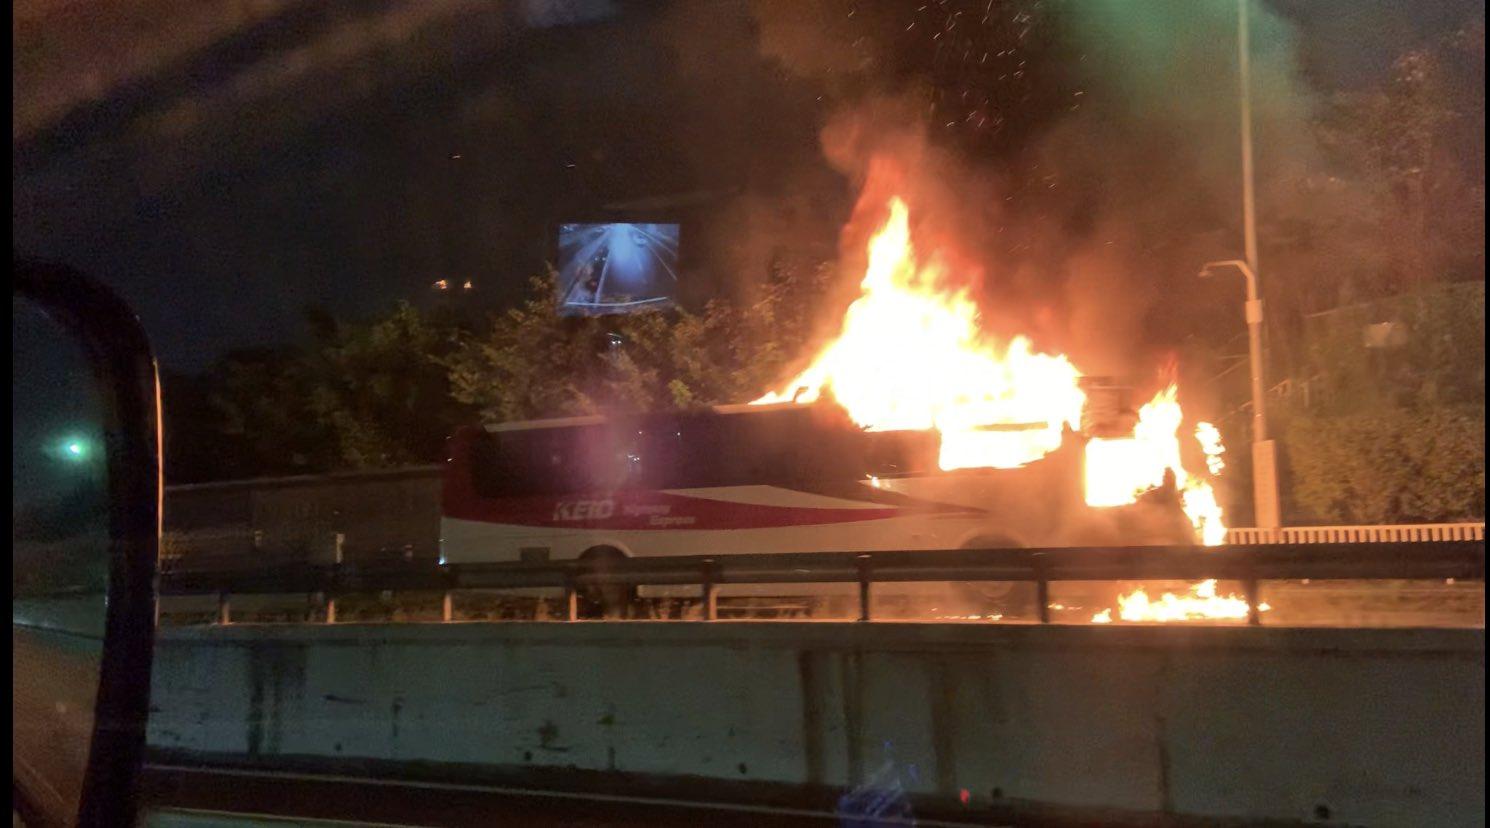 中央道の深大寺バス停の車両火災の現場画像